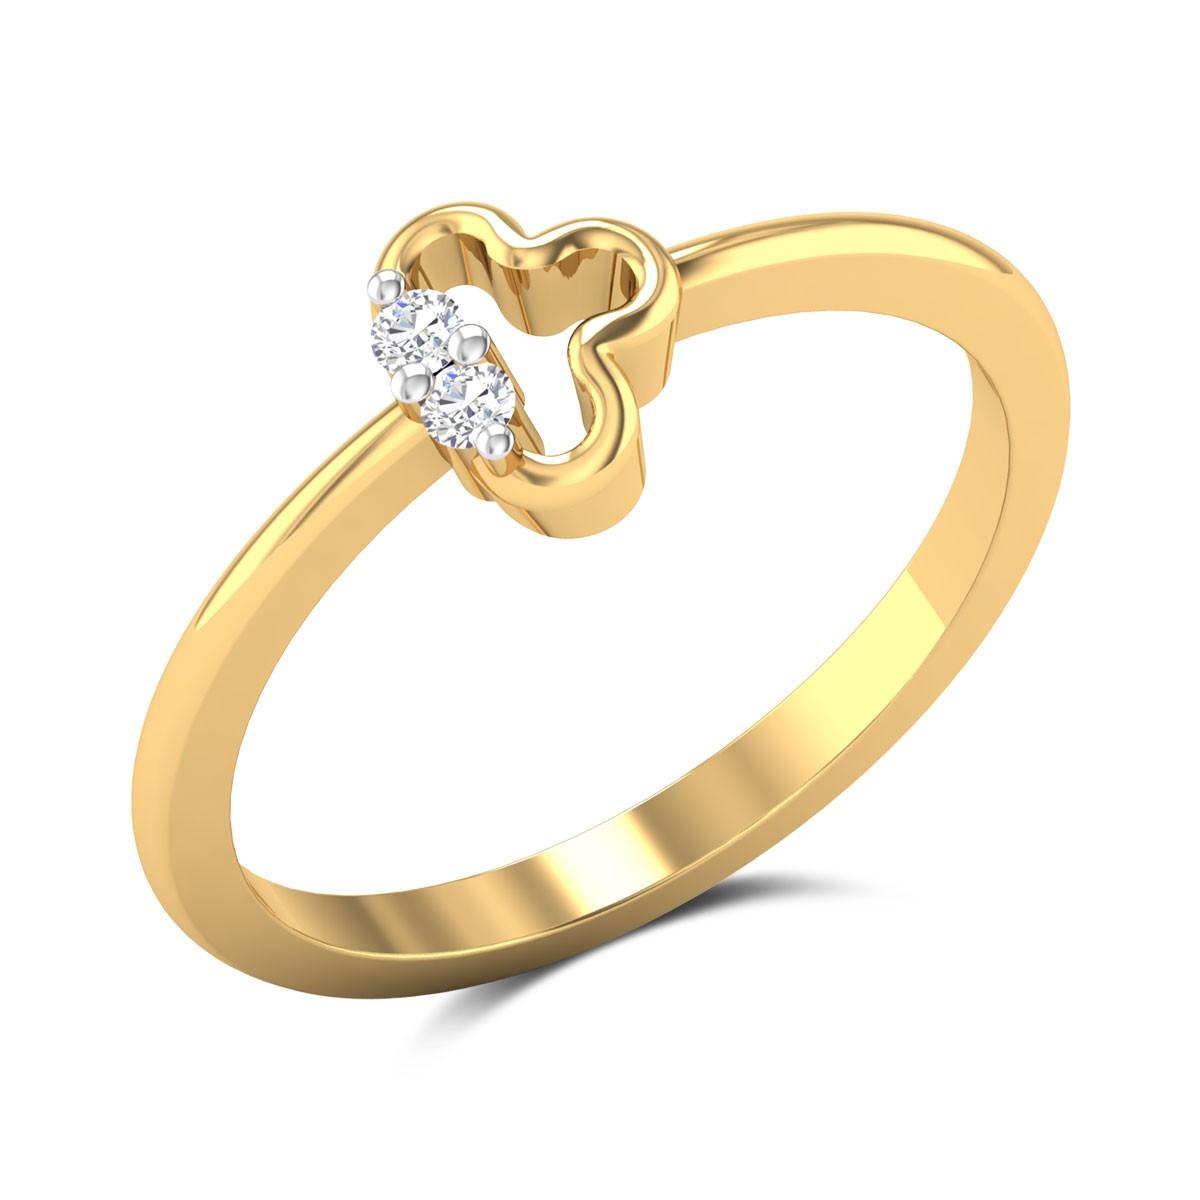 Kaycee Diamond Ring